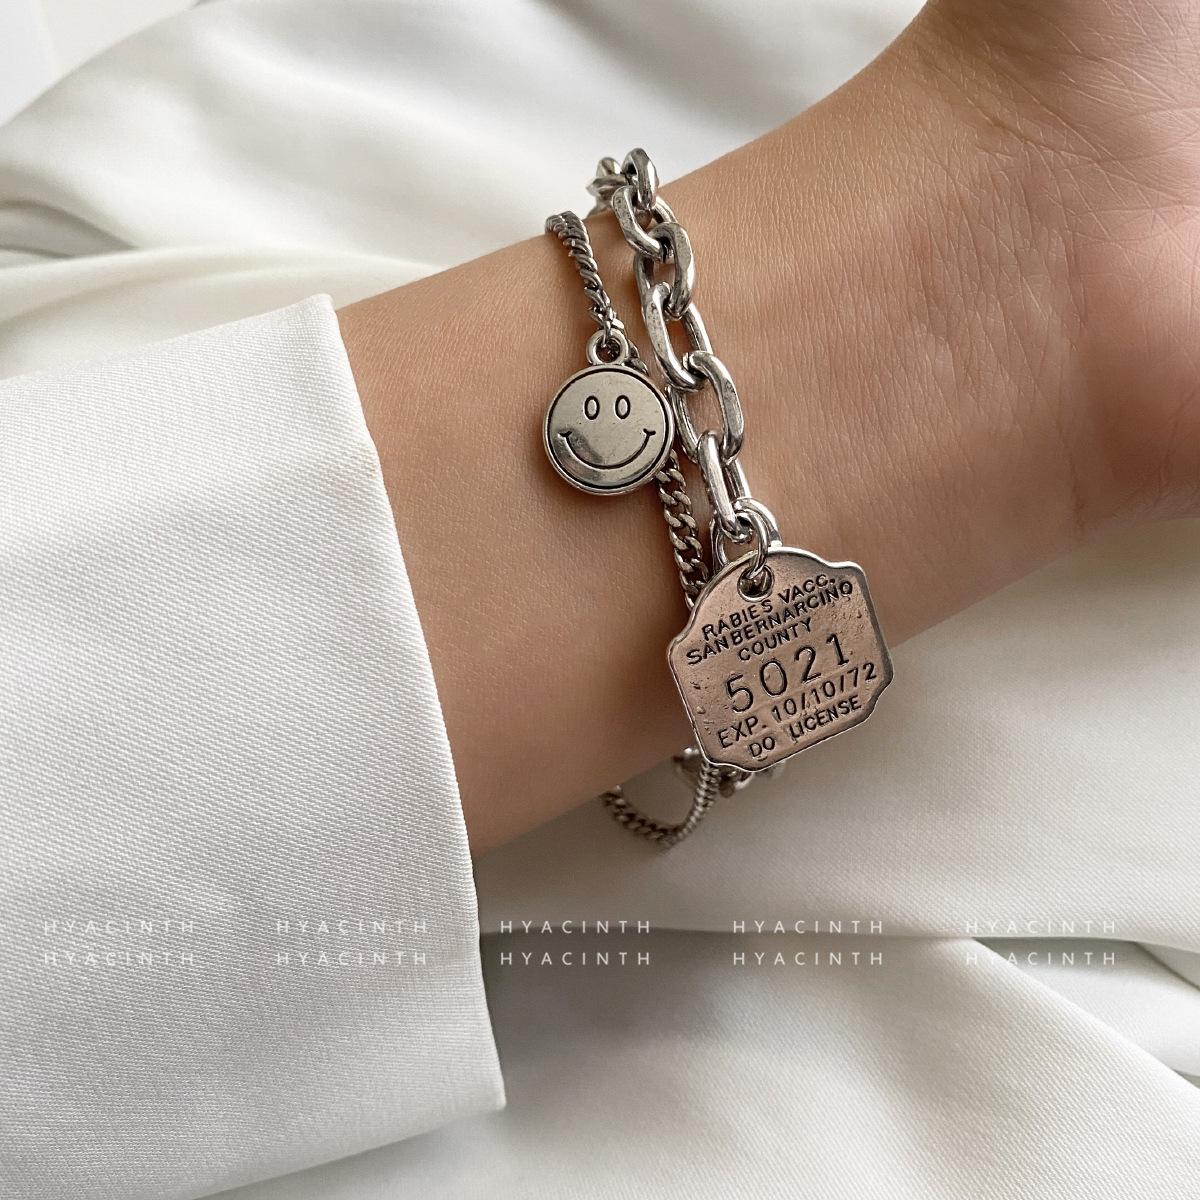 中國代購|中國批發-ibuy99|手镯|韩国冷风小众设计感数字手链情侣款多层古银可爱笑脸手镯饰品女